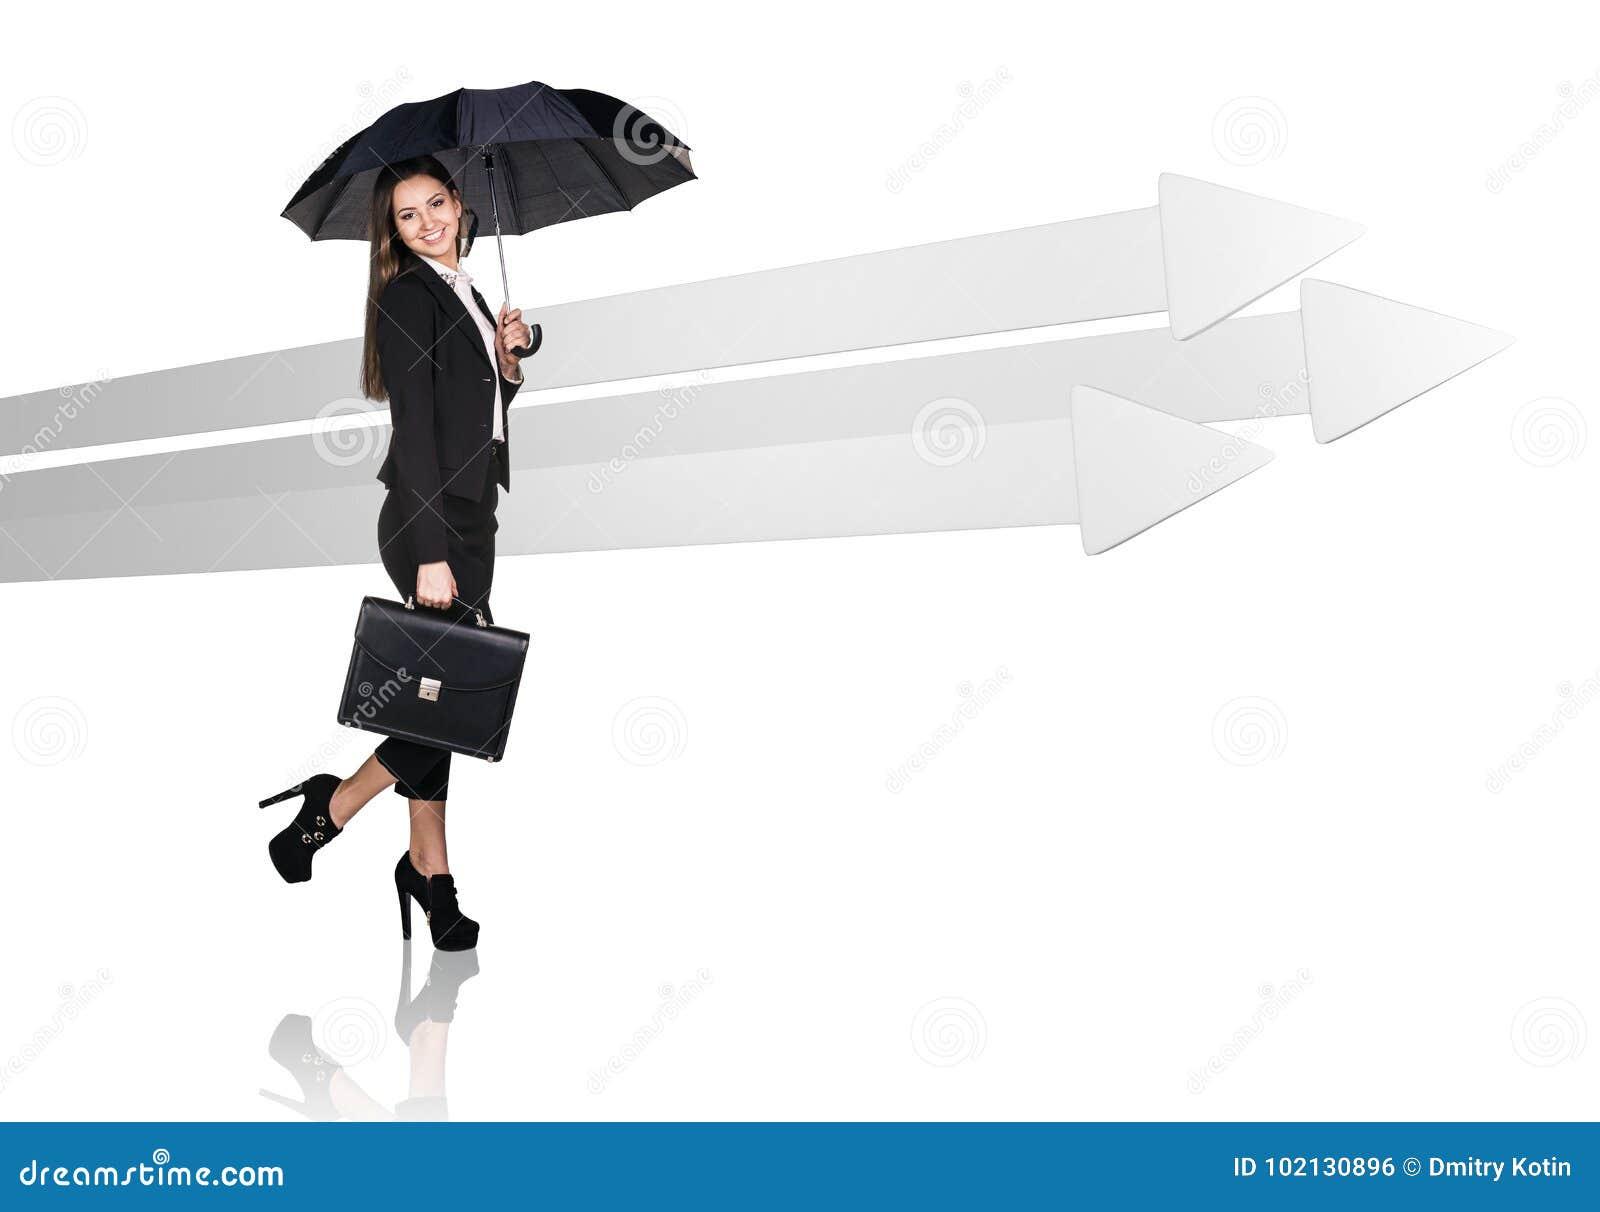 Businesswoman walking near big gray arrows.